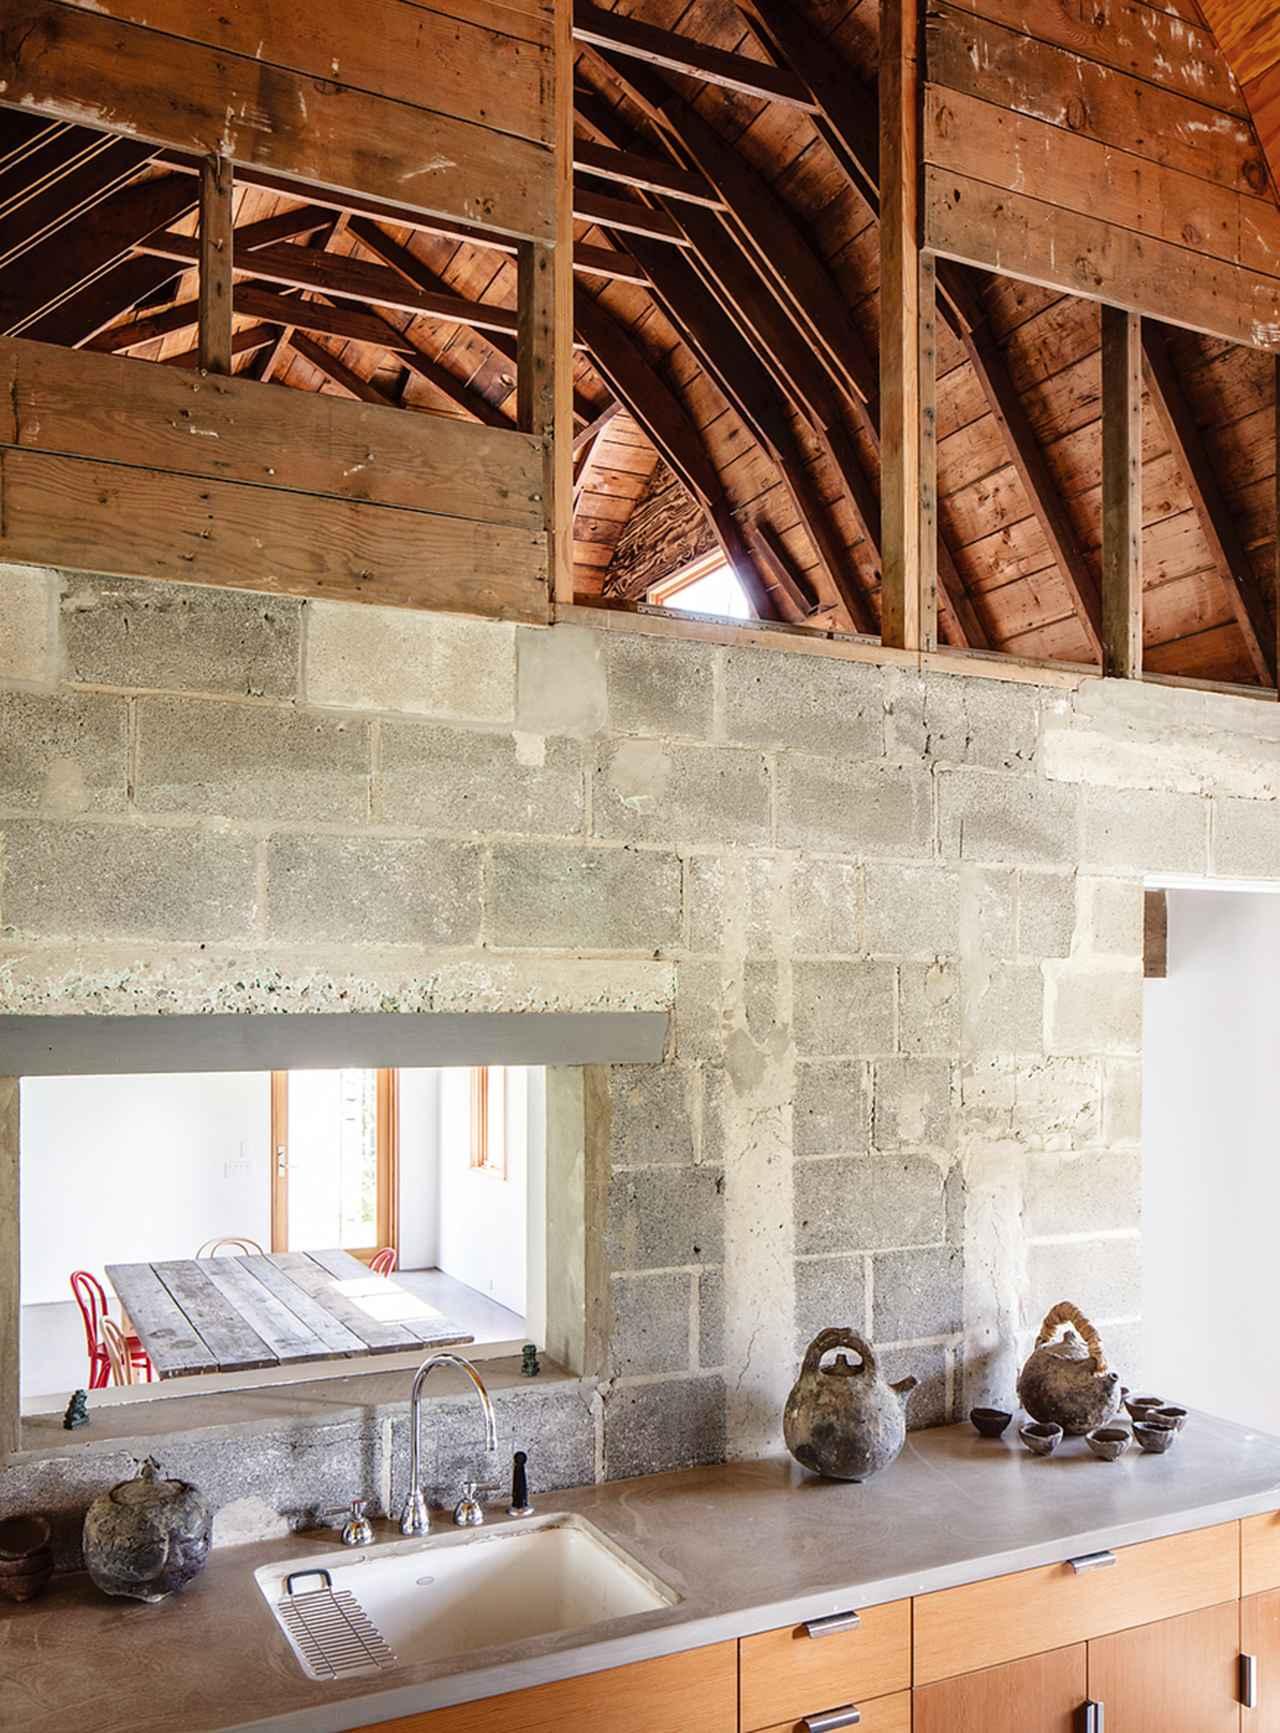 Images : 5番目の画像 - 「フランク・ゲーリーが 馬牧場に作り上げた蔡國強の家 <前編>」のアルバム - T JAPAN:The New York Times Style Magazine 公式サイト